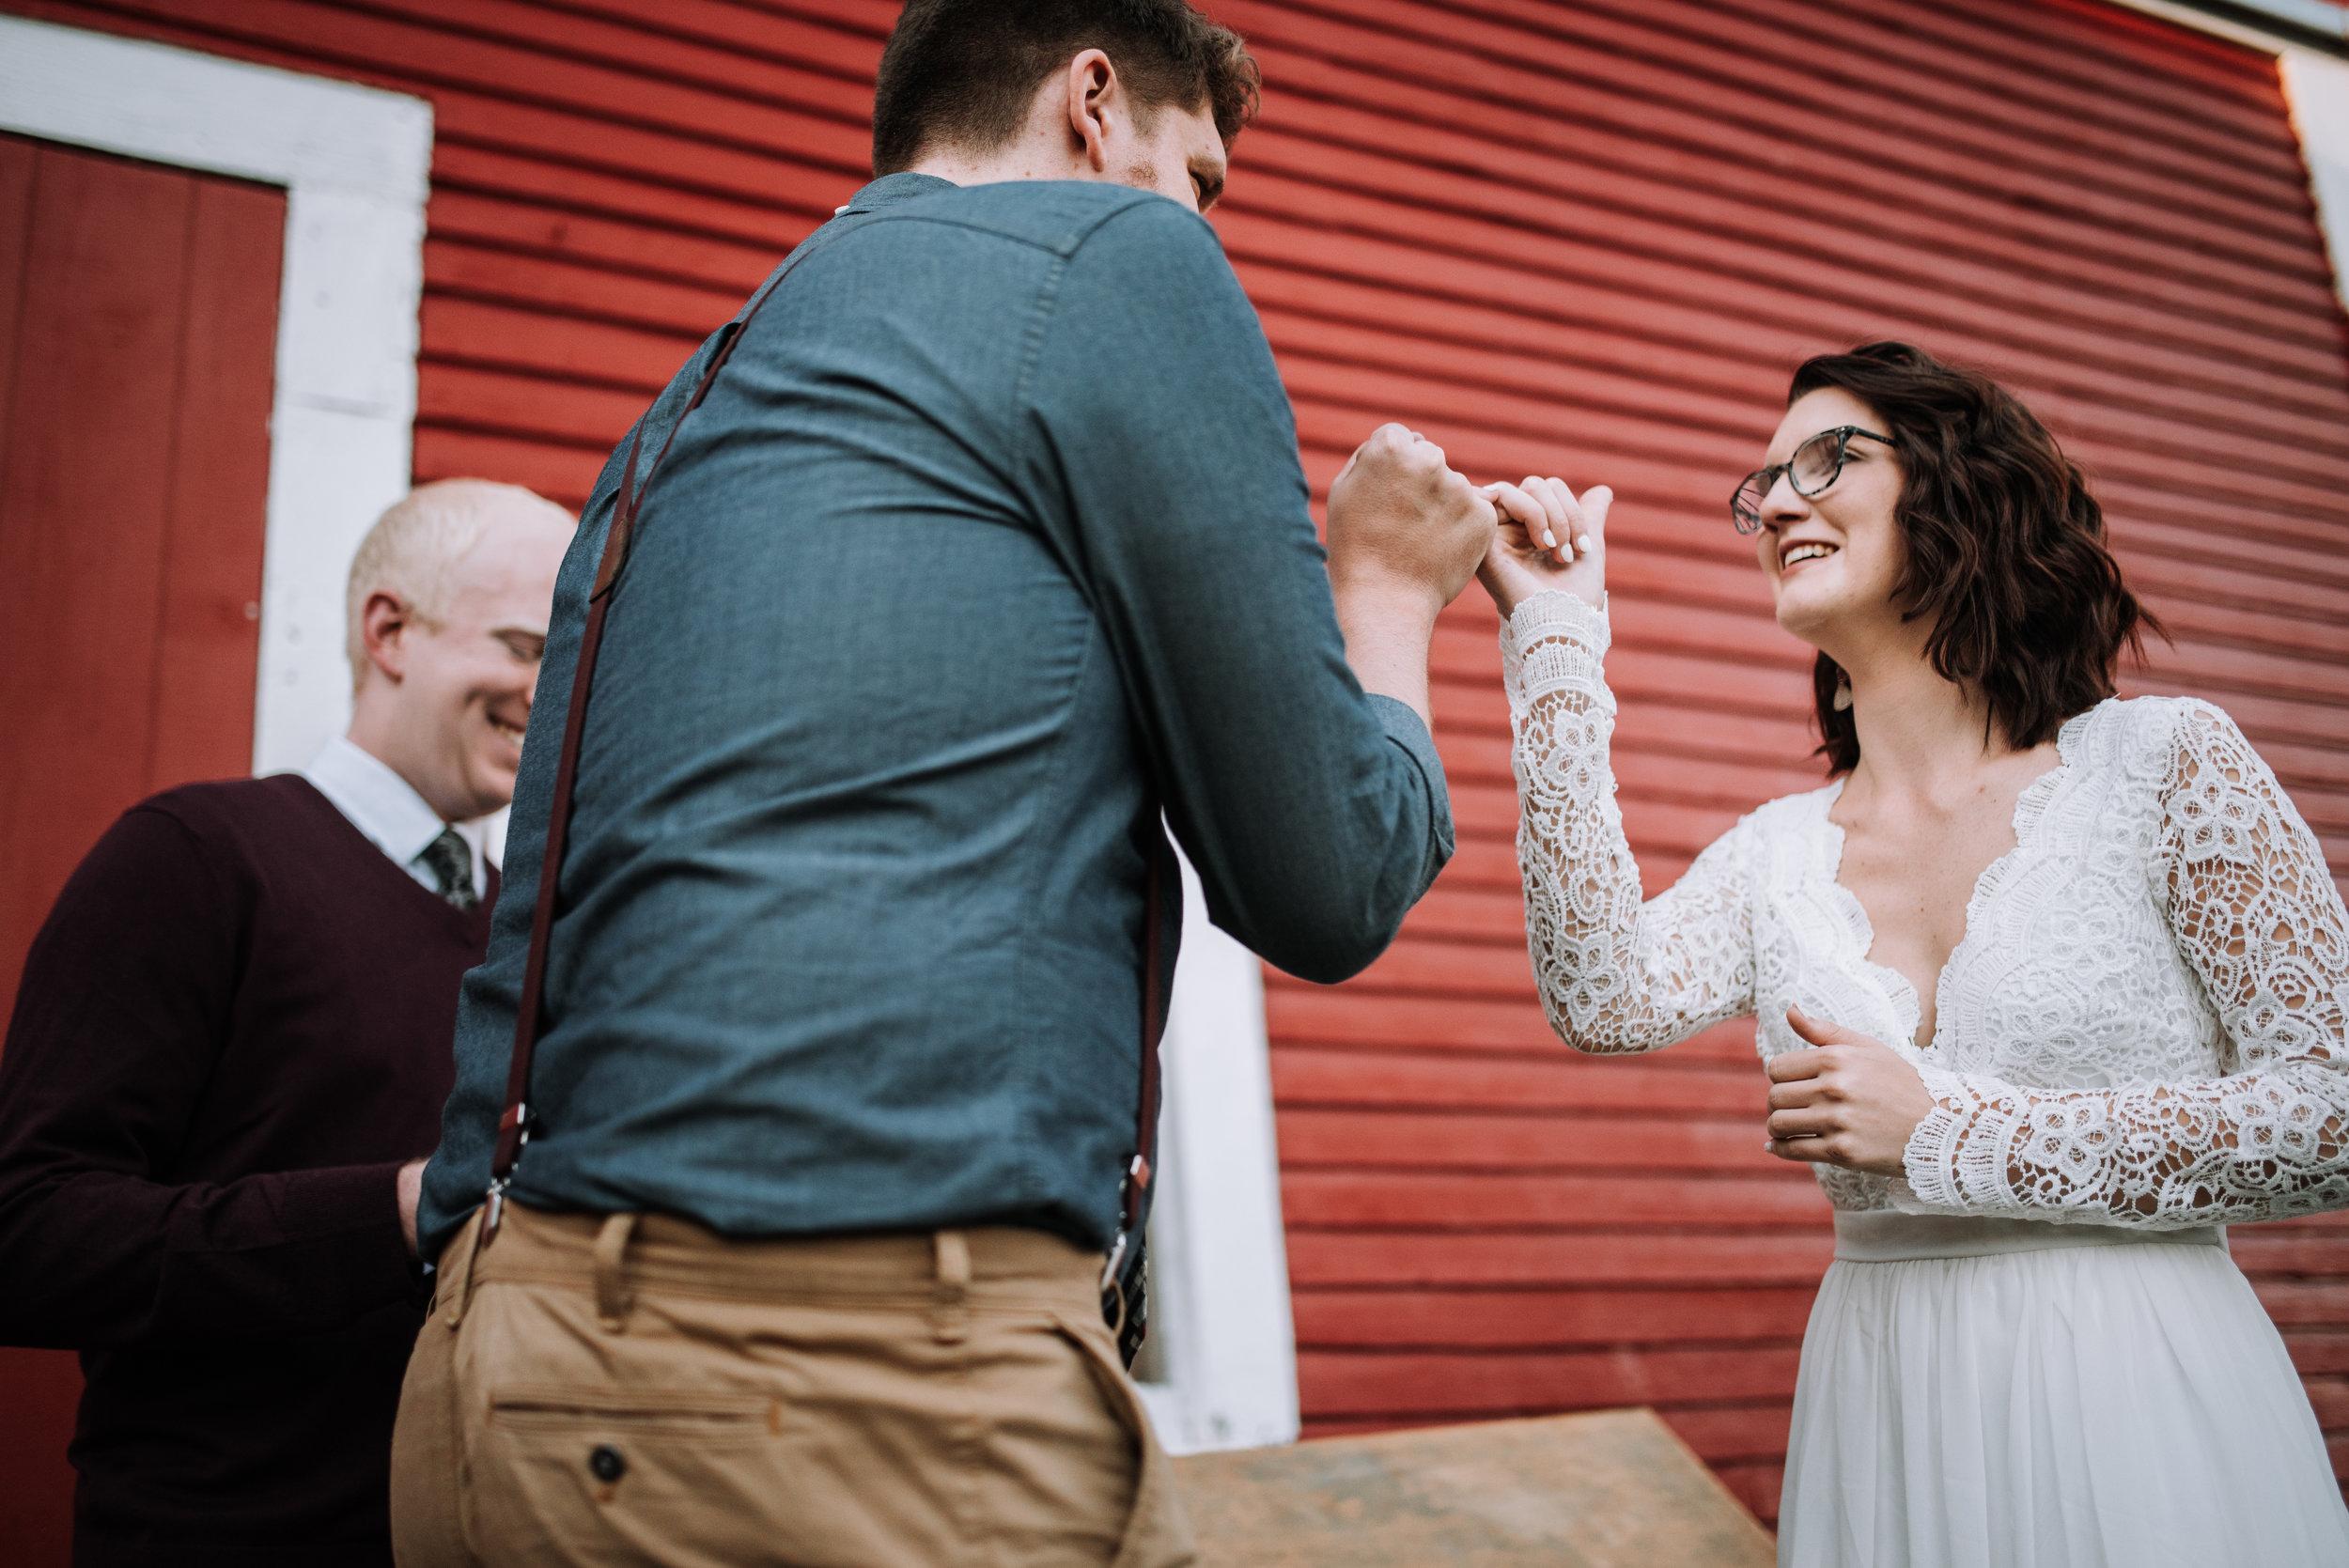 LUV LENS_WEDDING_GABBIE GARY SMALL-36.jpg